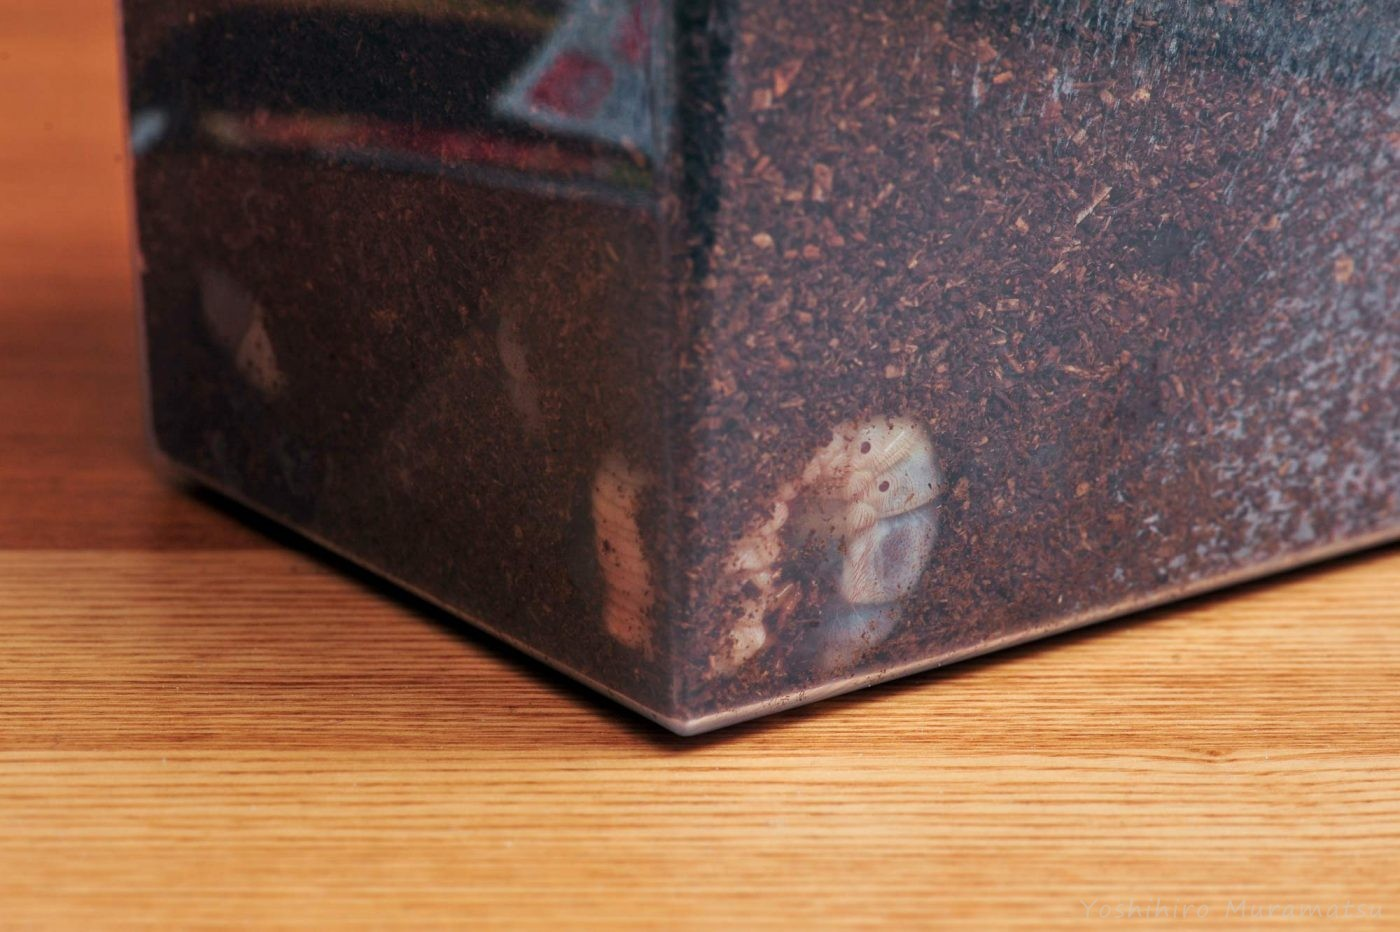 カブトムシの飼育ケースと幼虫の写真